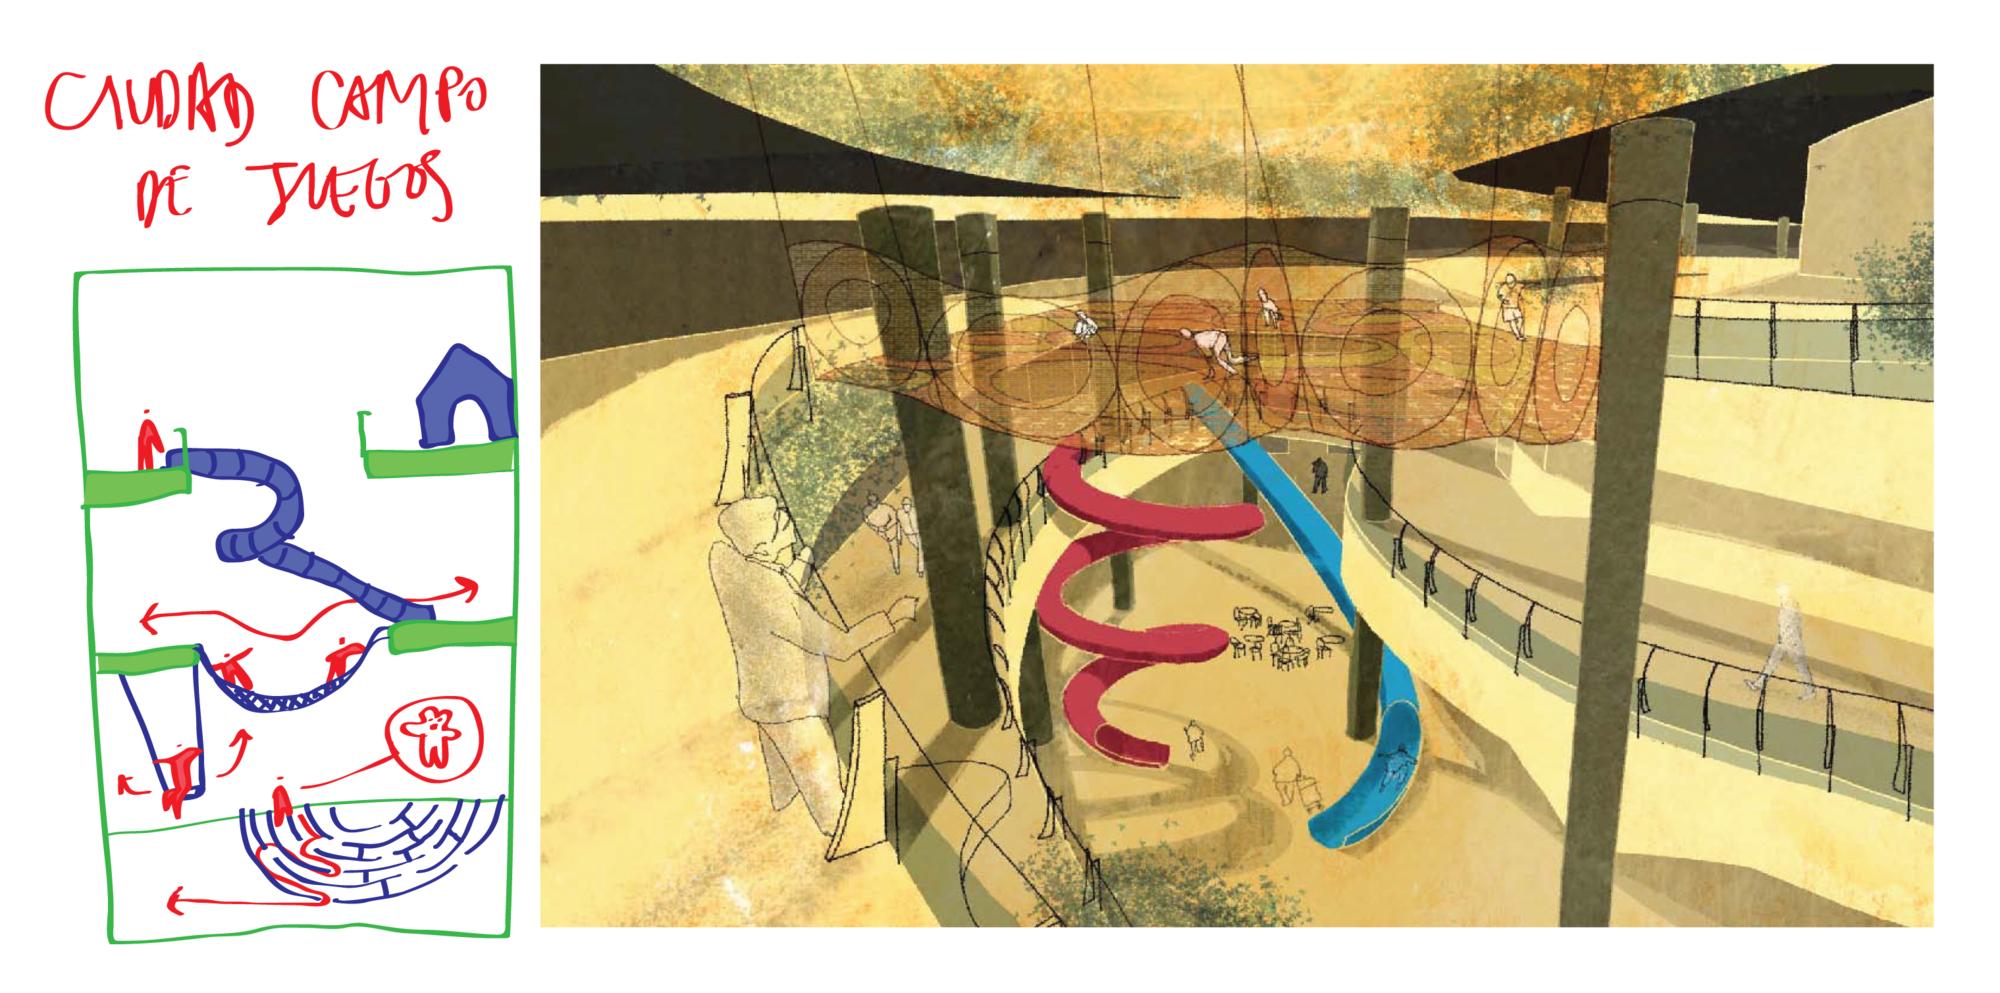 Edificio para experimentar y descubrir.. Image Cortesia de Ecosistema Urbano